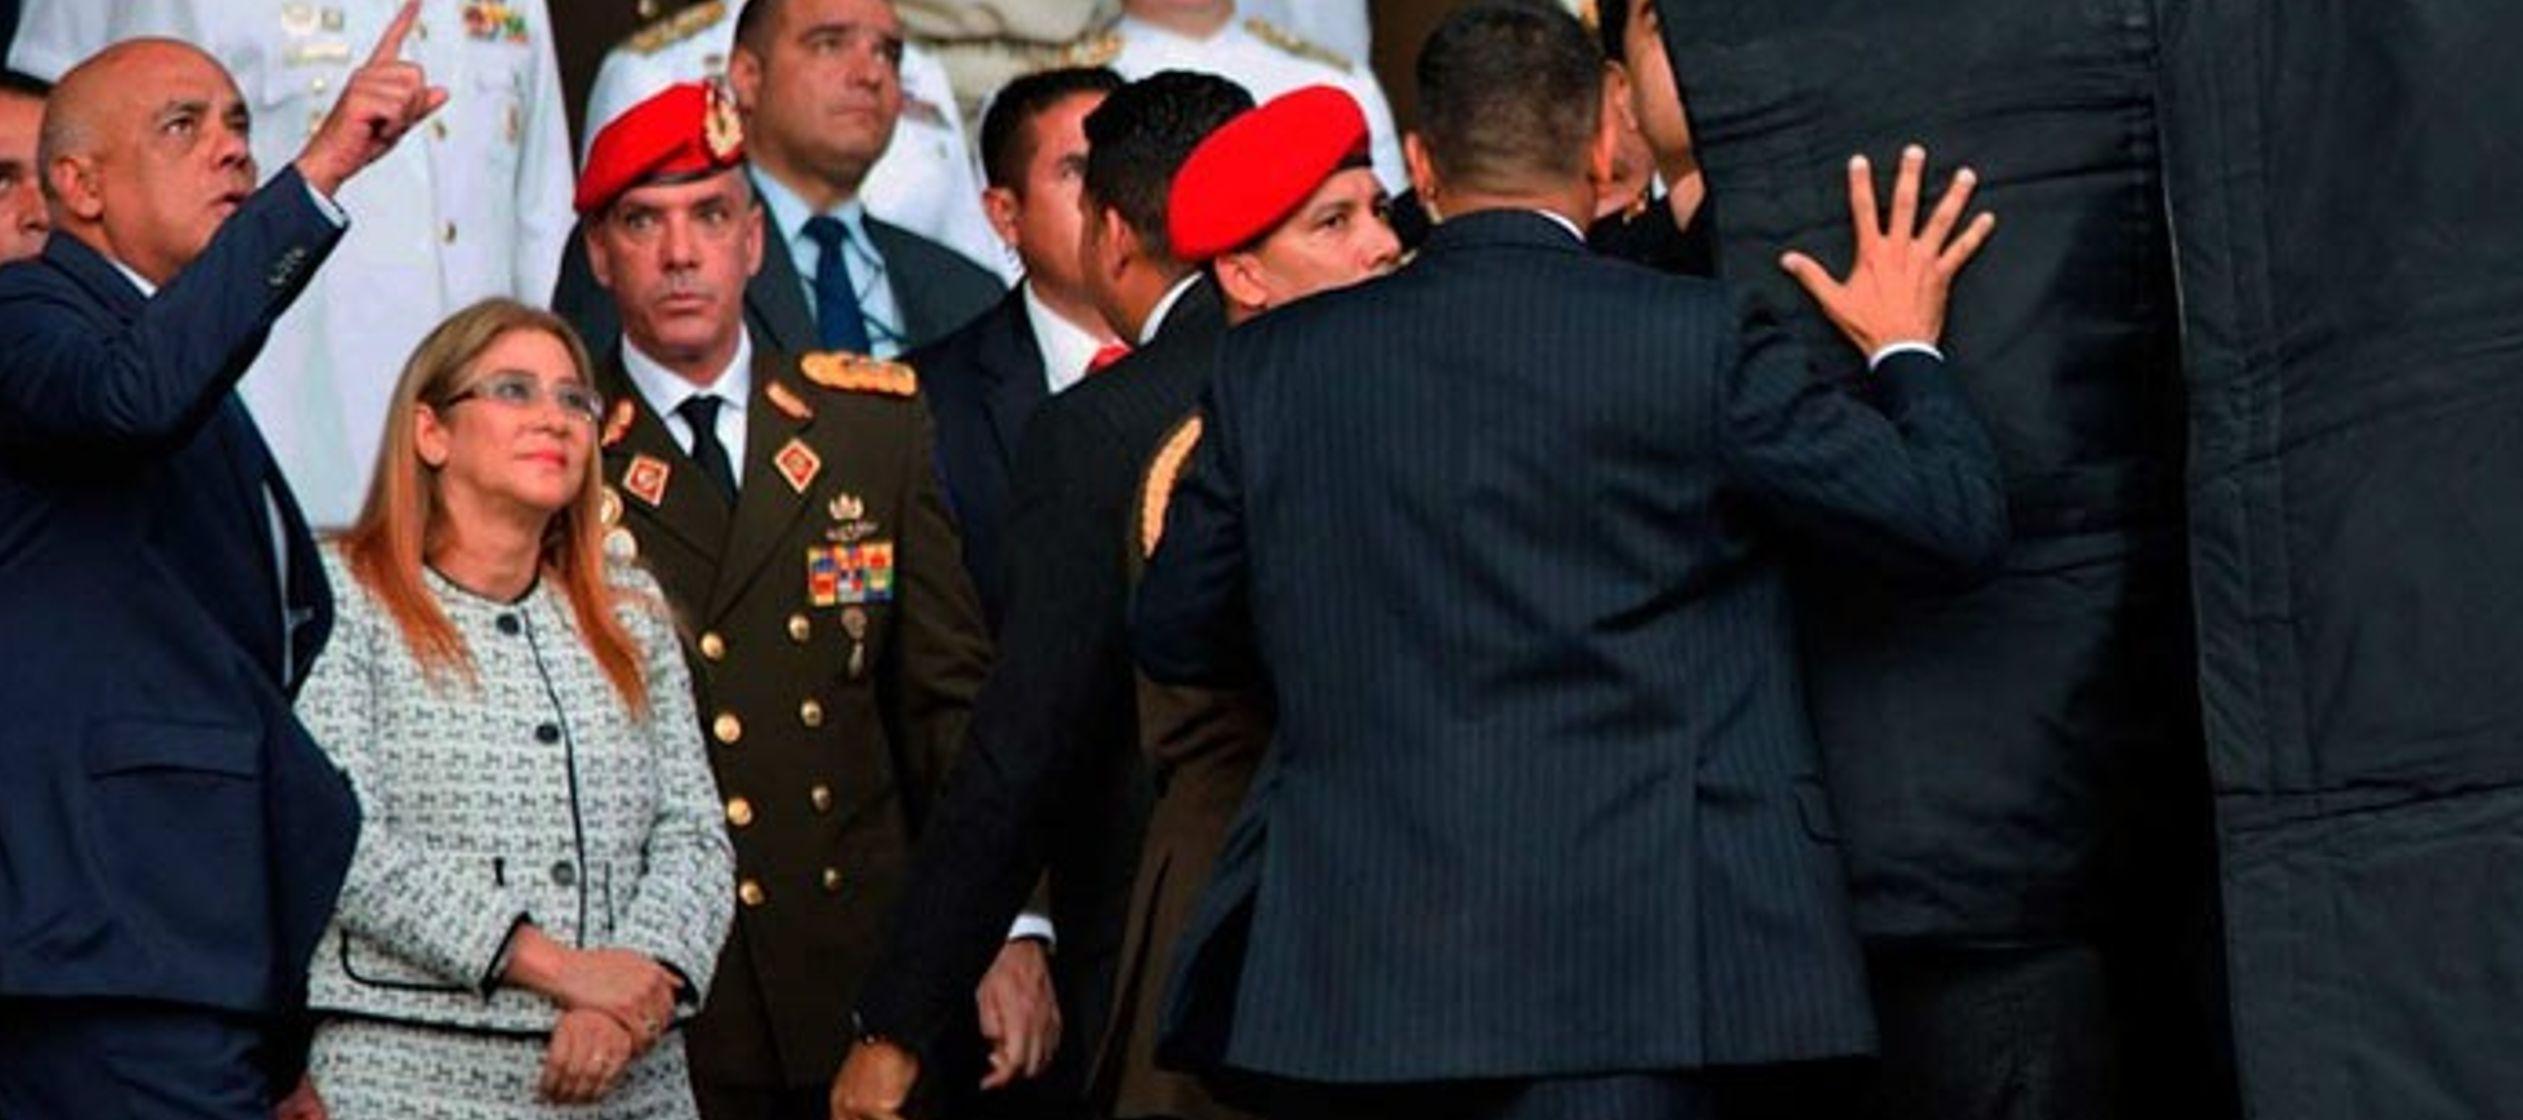 La fiscalía venezolana ha indicado que al menos 19 personas están vinculadas con el...